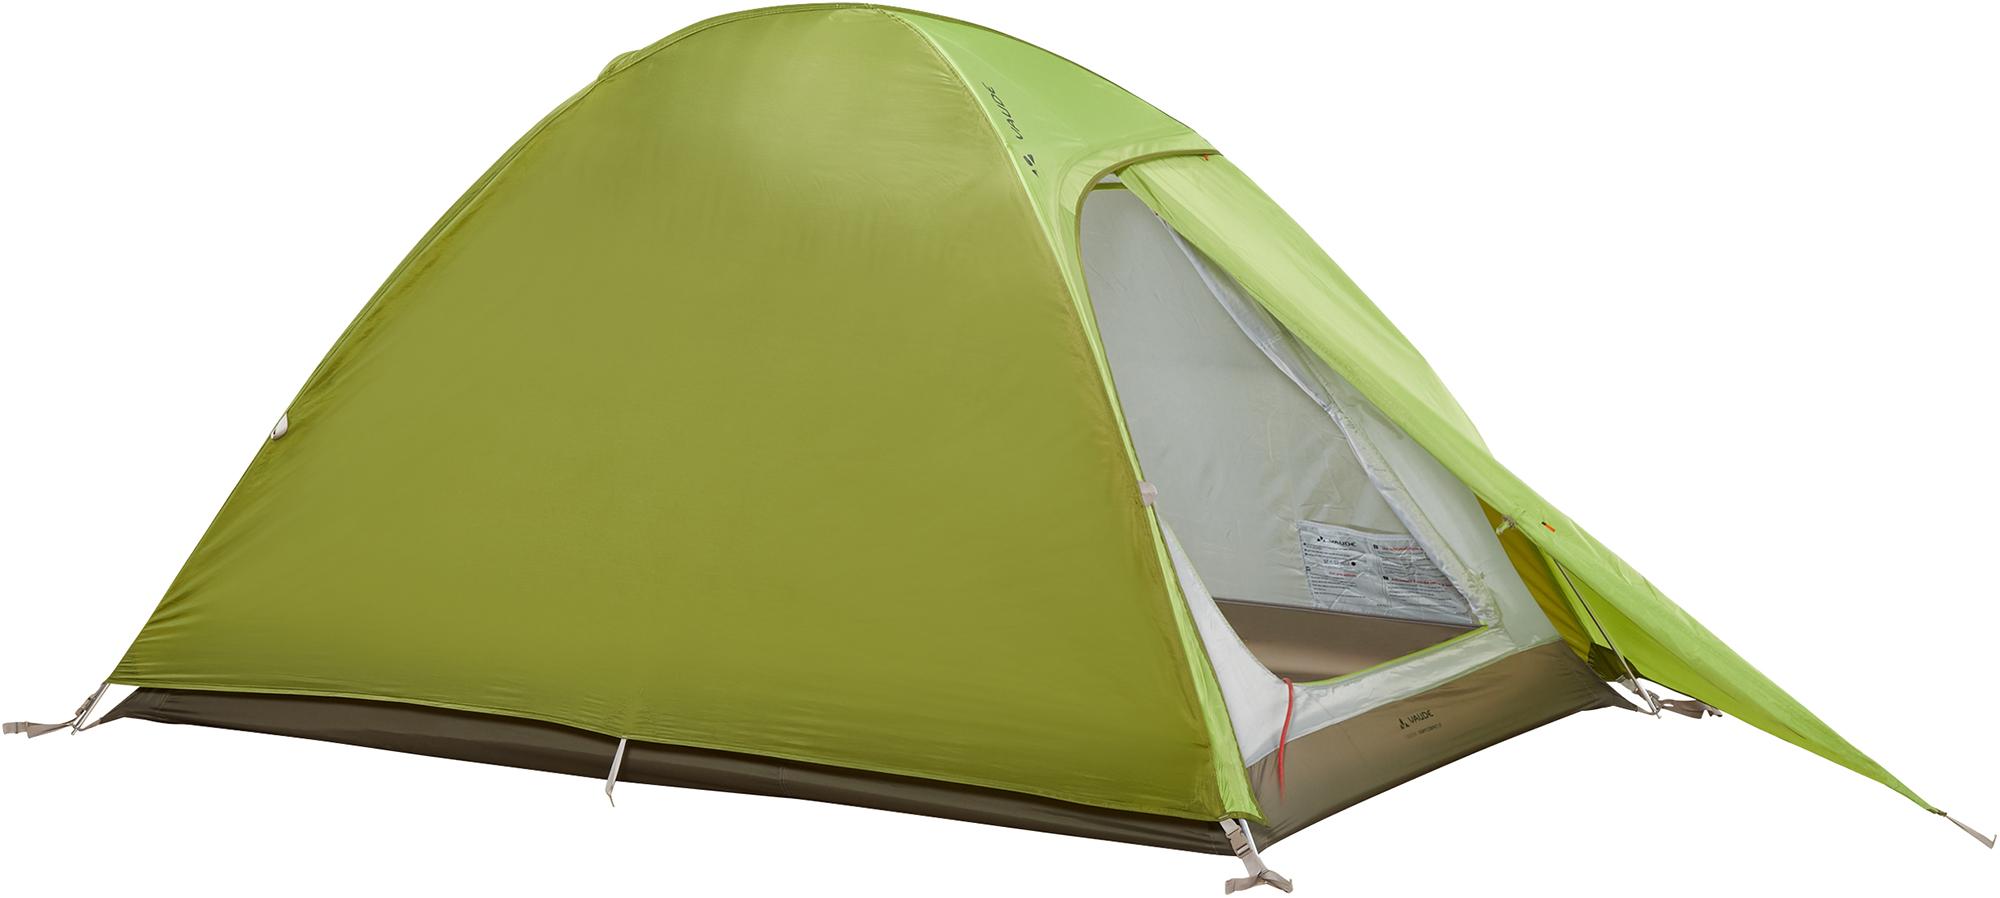 Vaude Campo Compact 2P цена